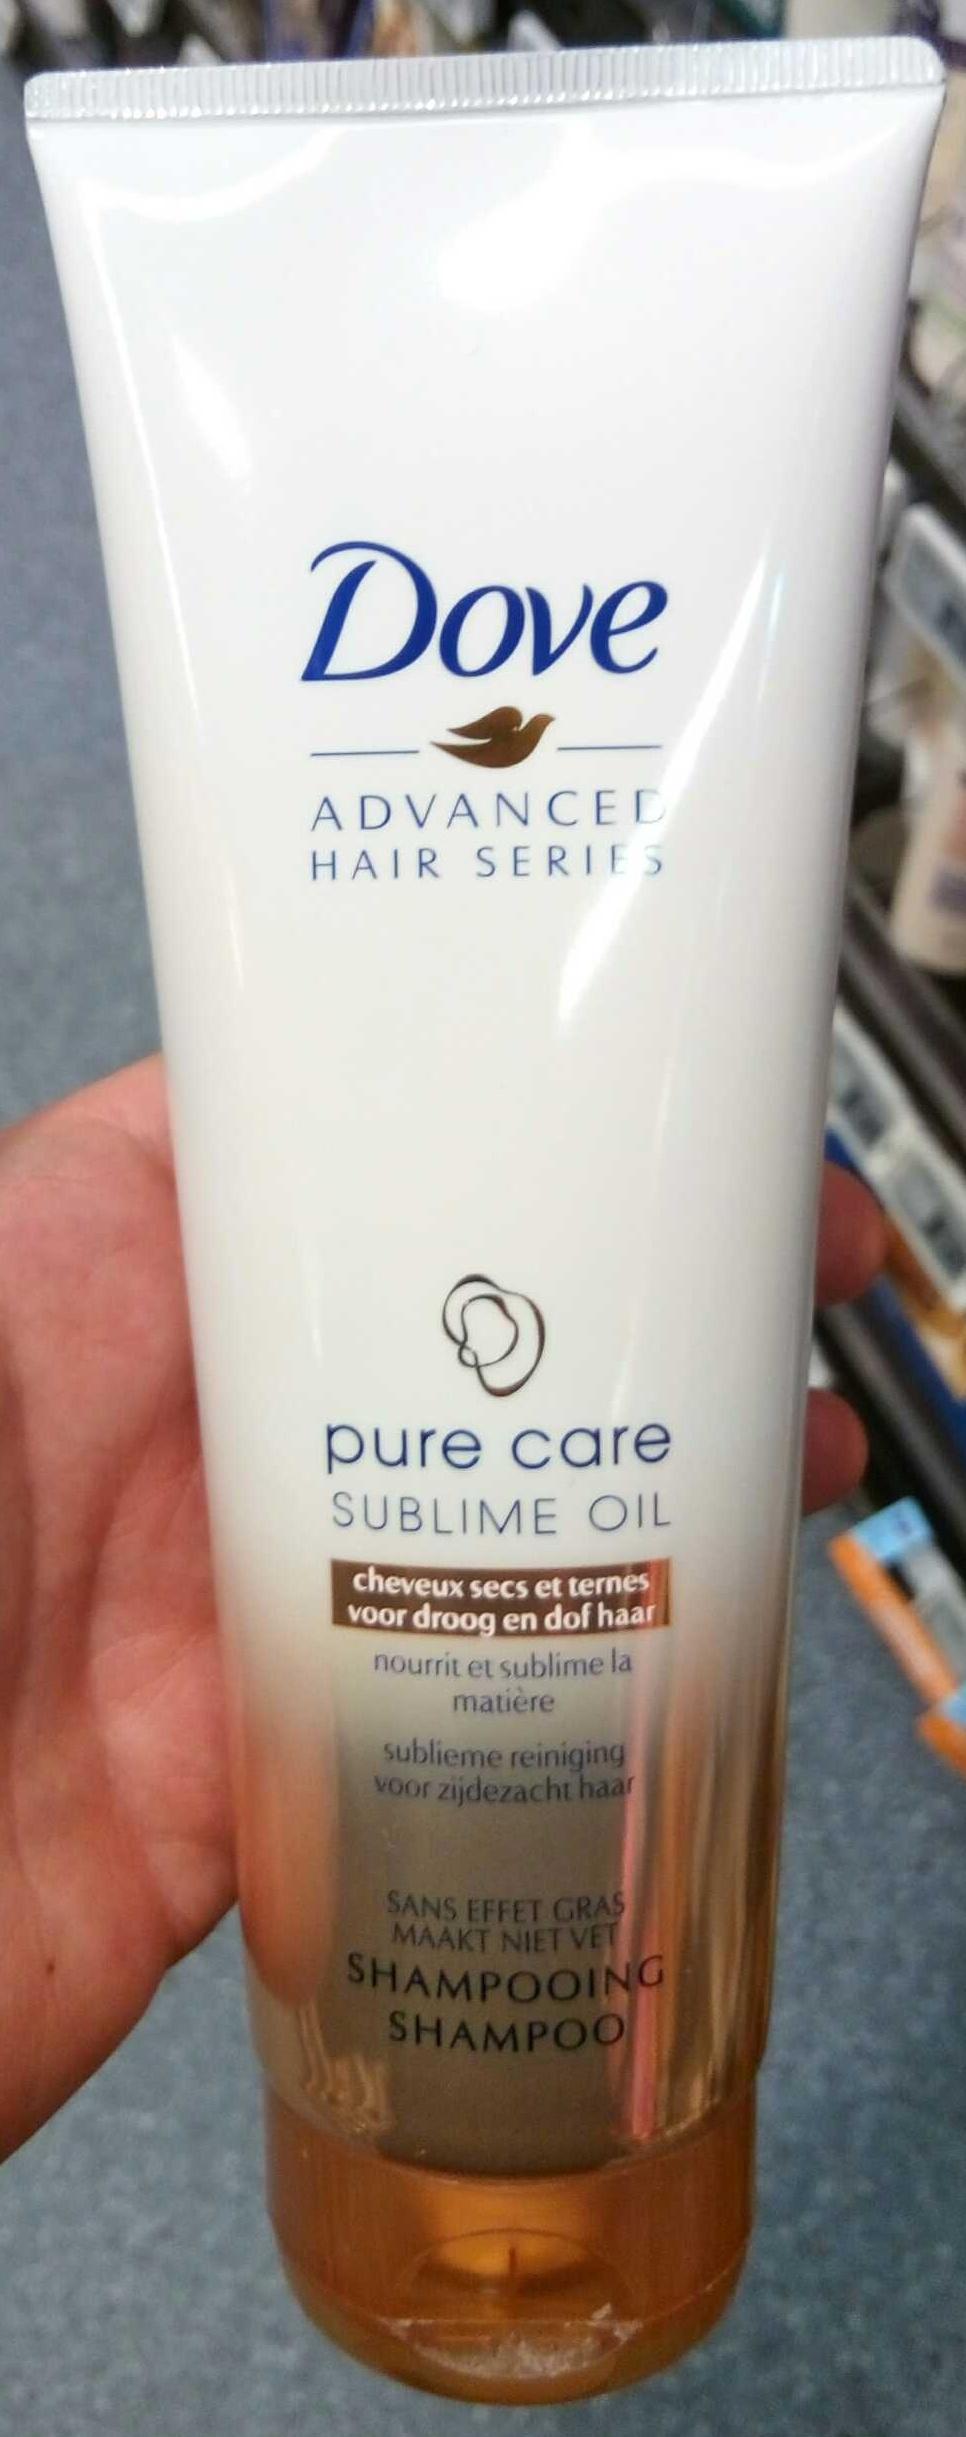 Advanced Hair Series Pure Care Sublime Oil - Produit